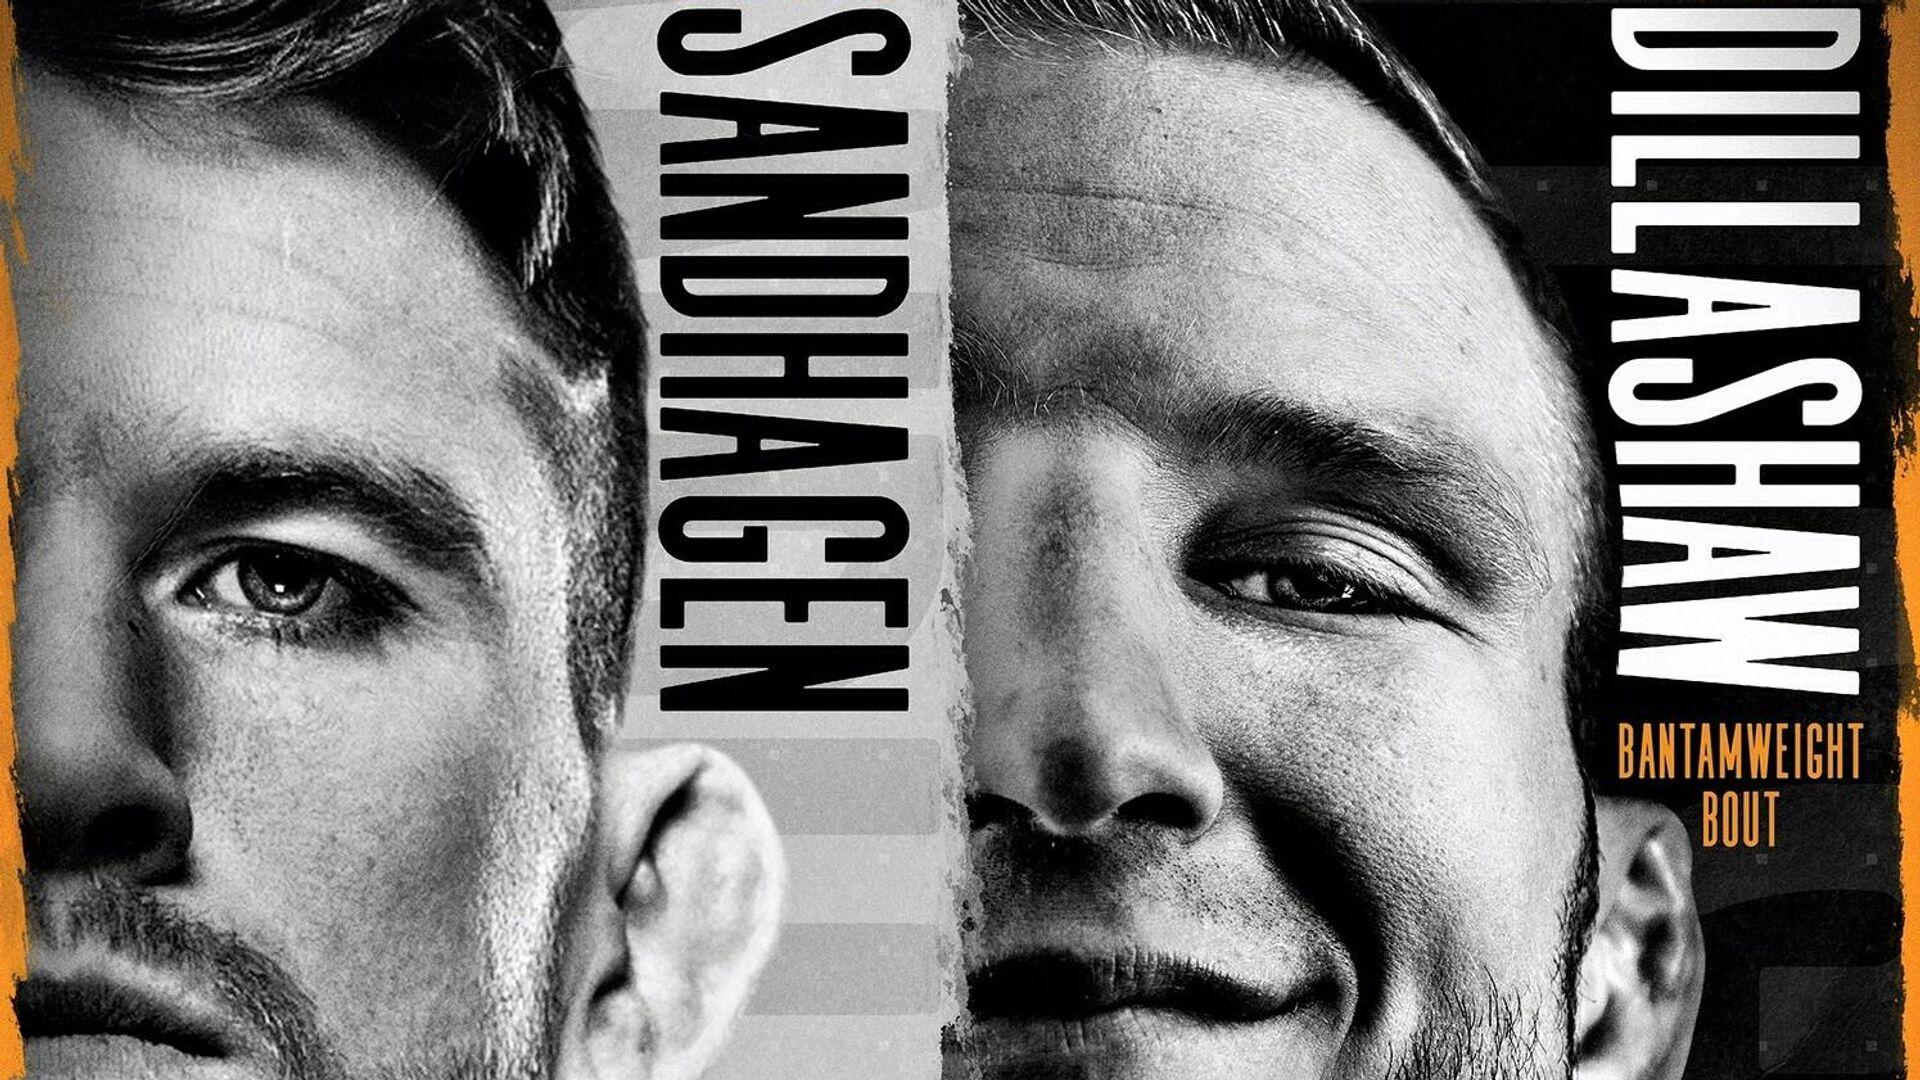 Постер UFC  - РИА Новости, 1920, 25.07.2021